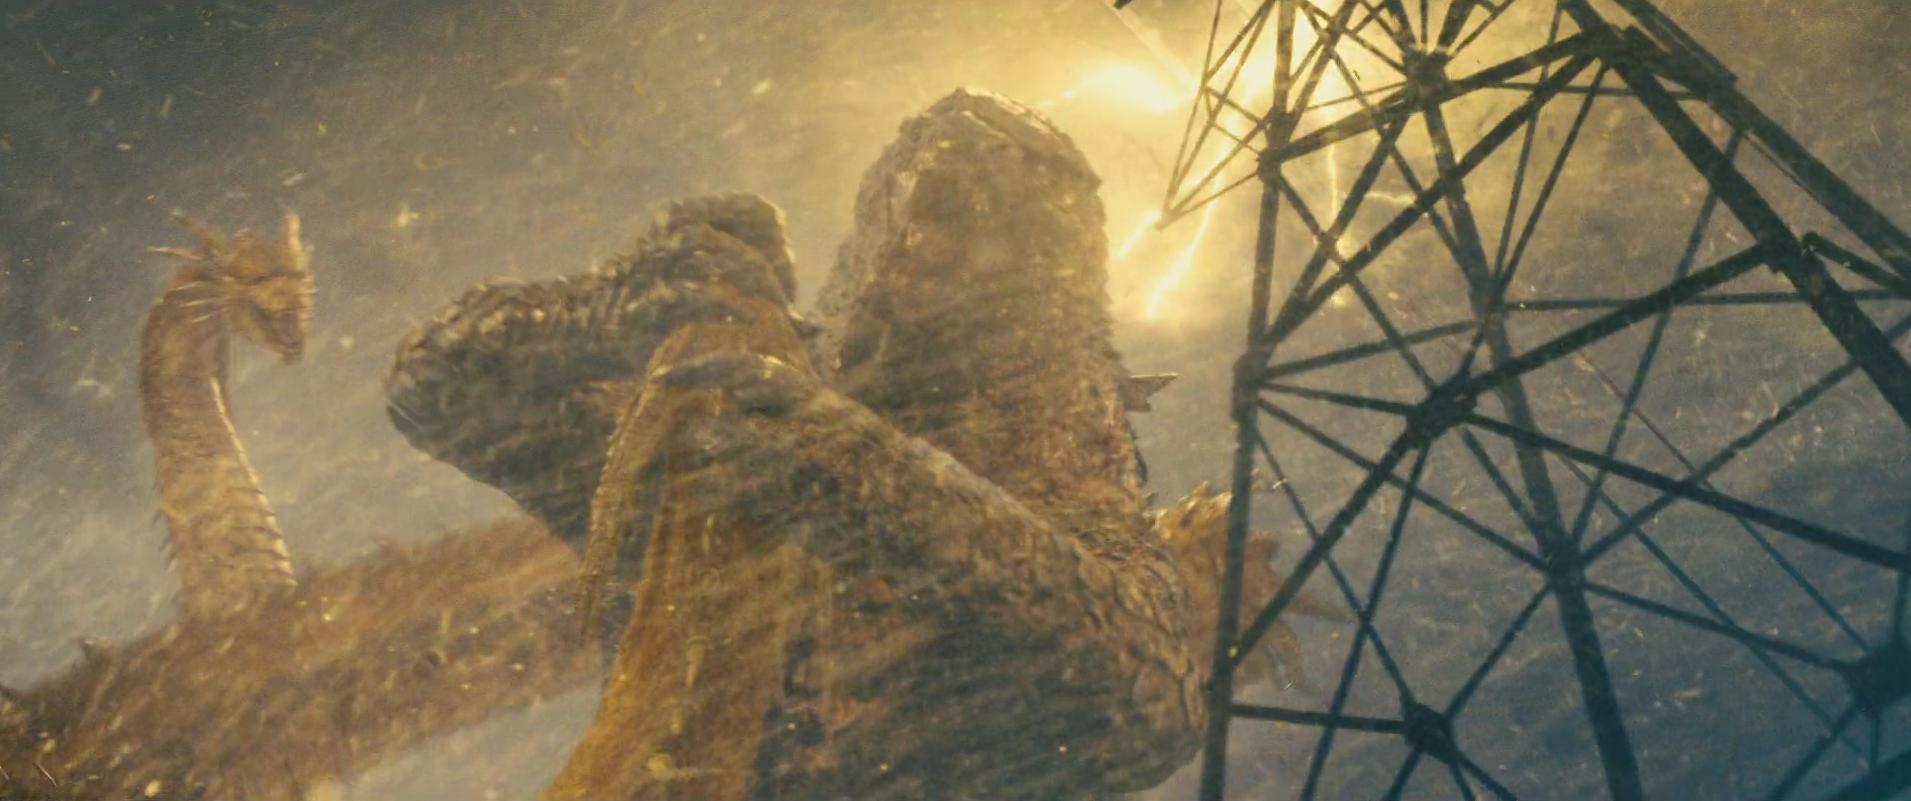 Run 12 - Godzilla grapple.png